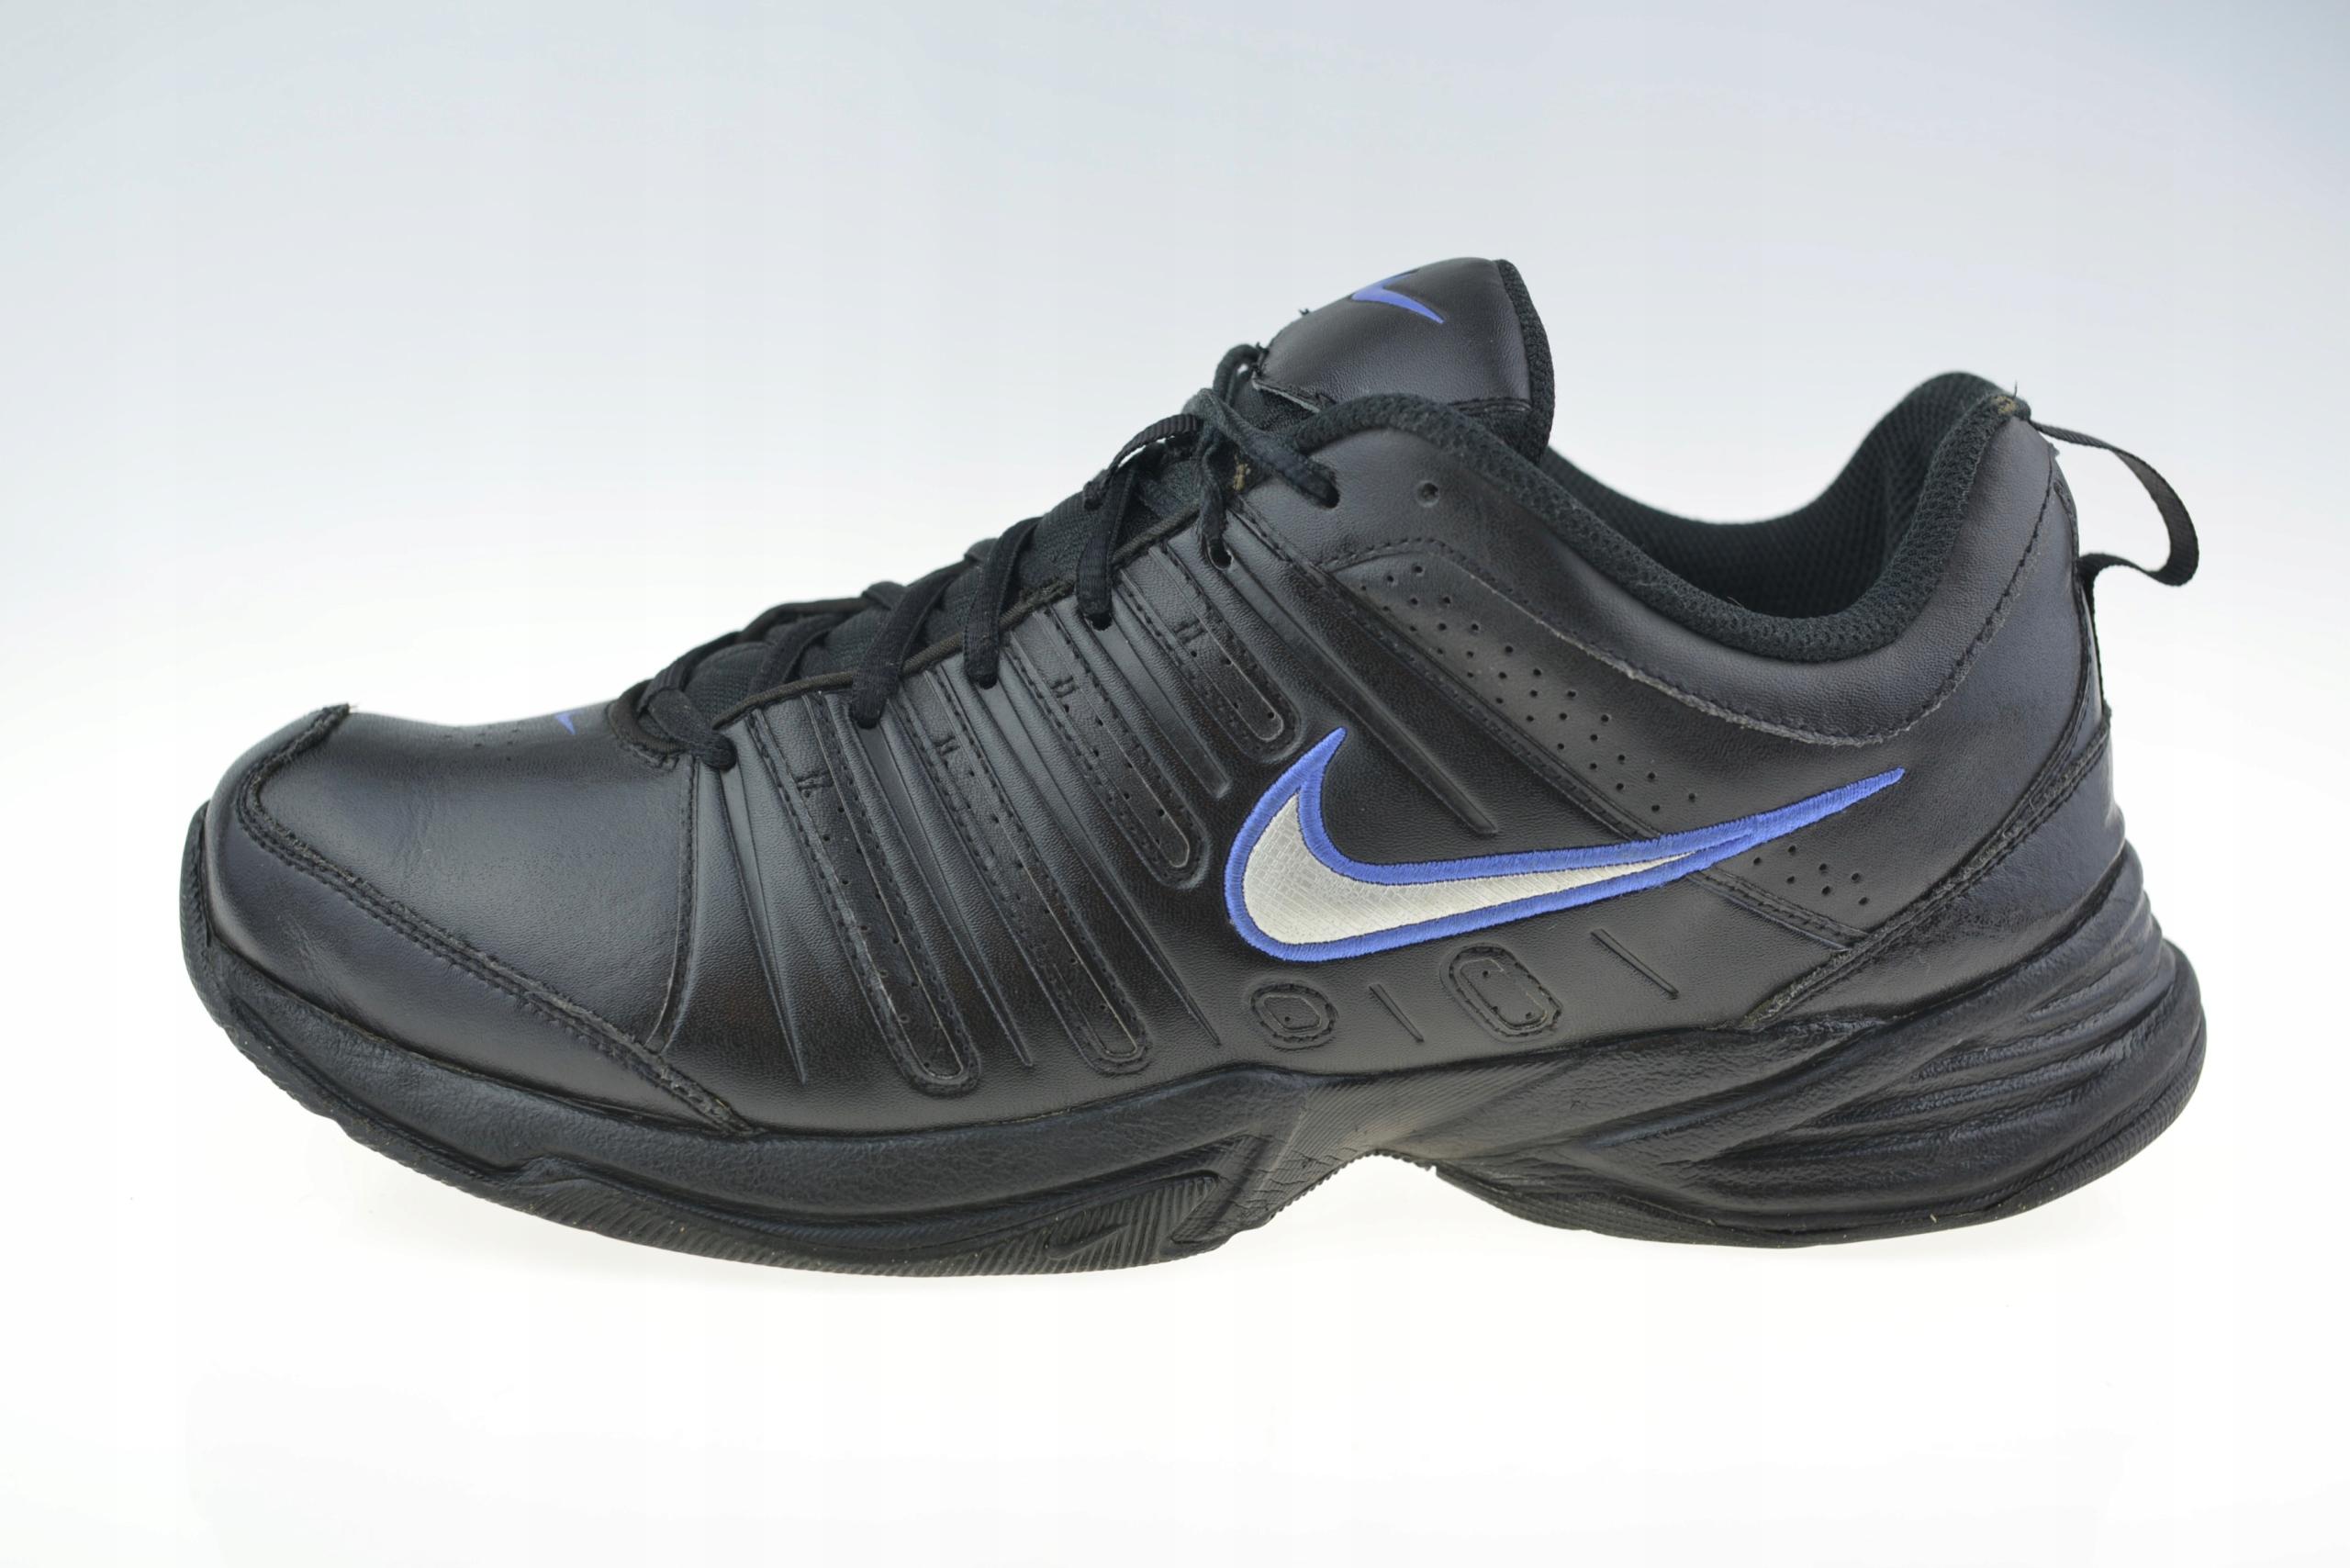 a5fe883963d45 Lite 7689822604 45 Oficjalne Nike T Buty X Allegro Roz Archiwum TngZwgqE